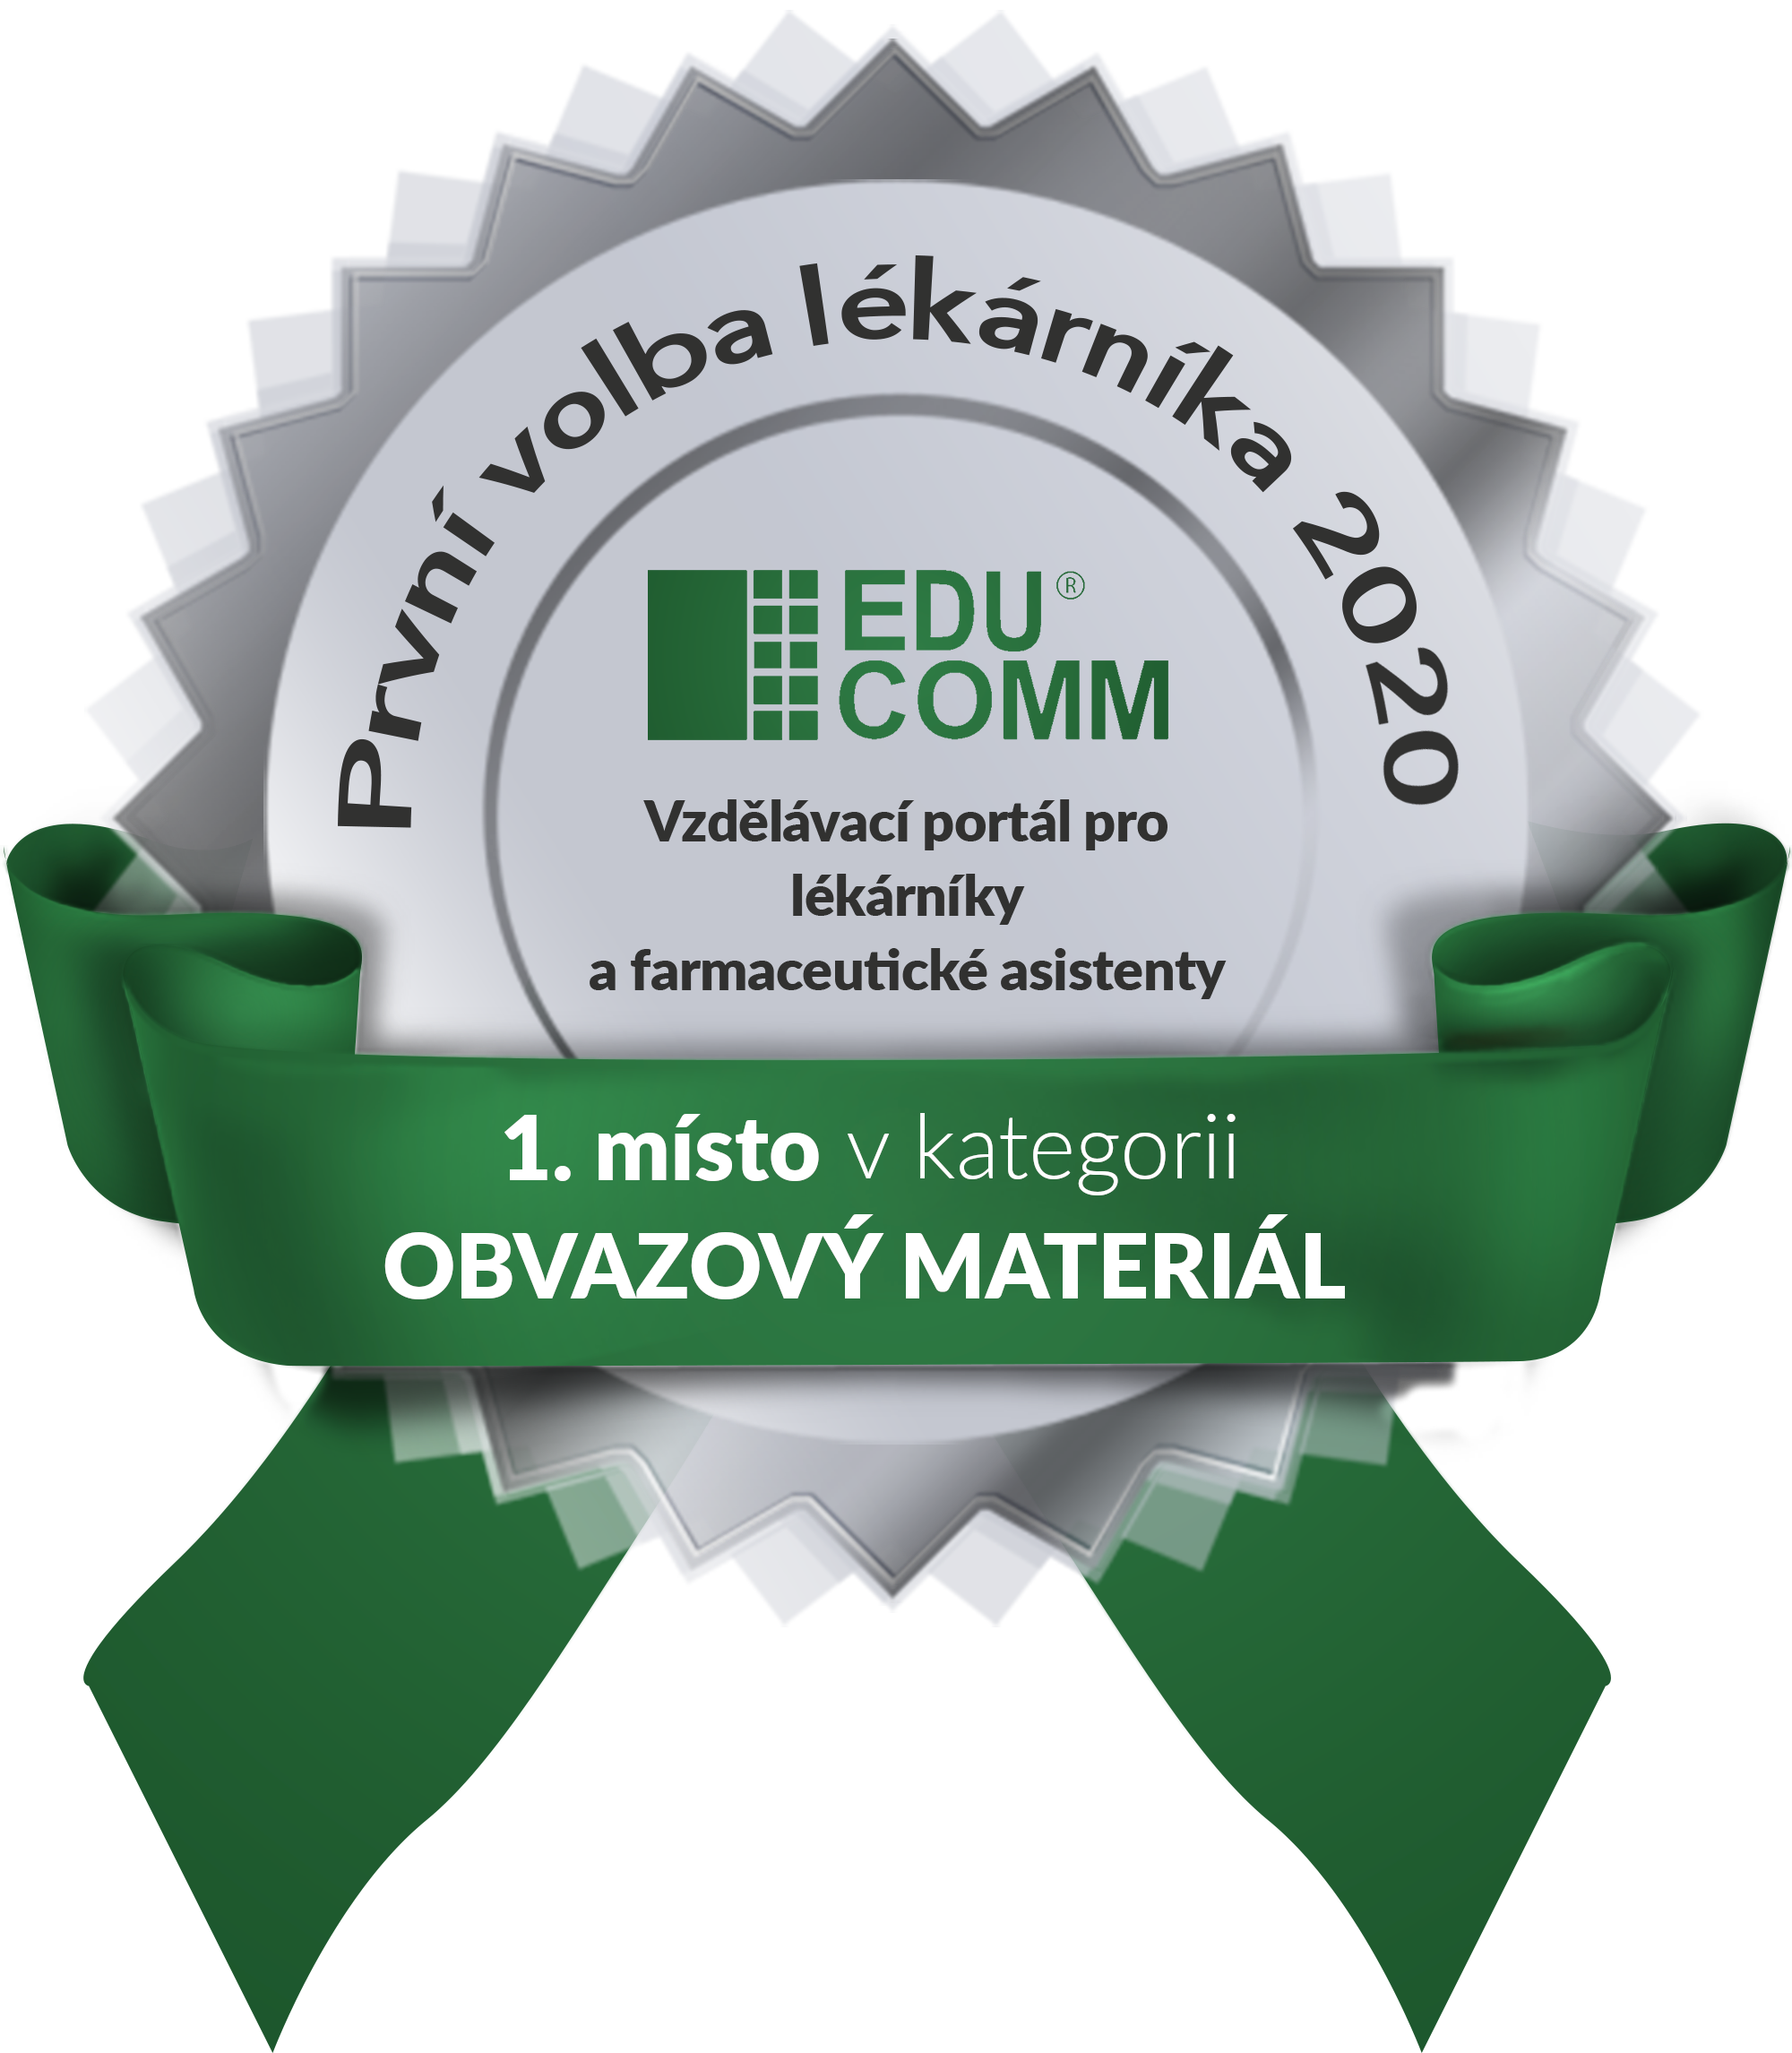 1. místo v kategorii Obvazový materiál v soutěži První volba lékárníka 2020